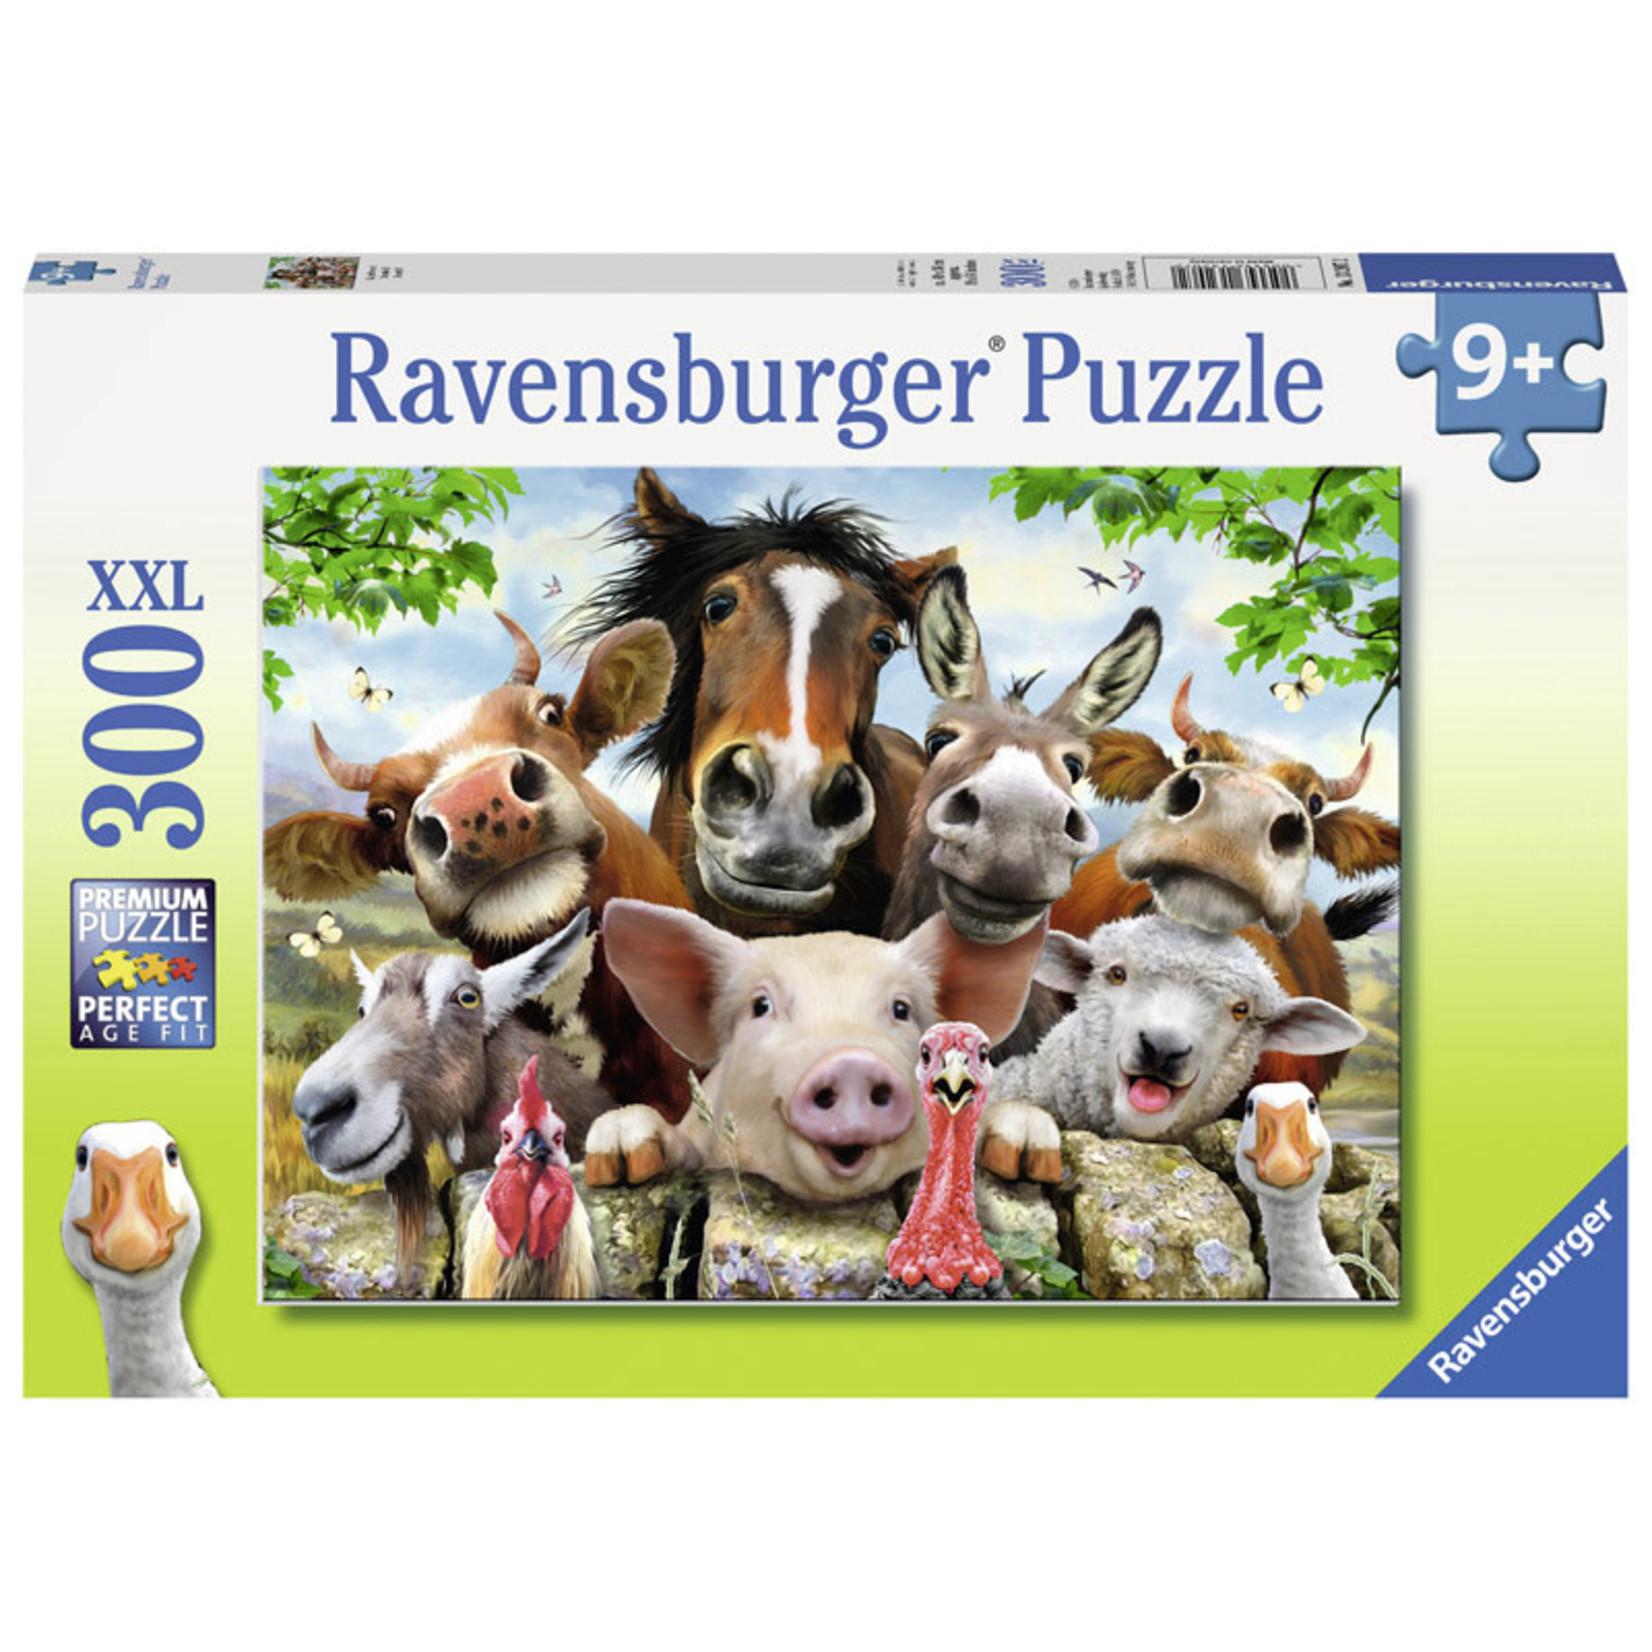 Ravensburger Say Cheese! 300pc